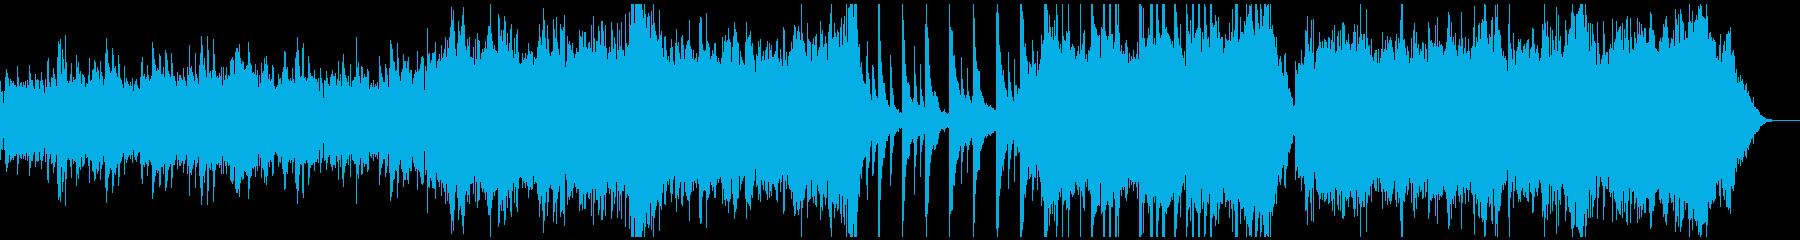 リラックスできるピアノとシンセサイザーの再生済みの波形